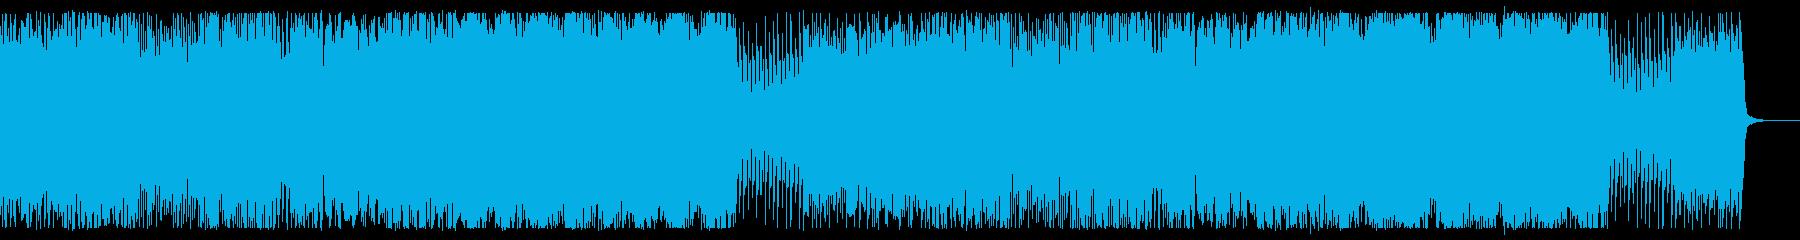 ダーティでポップなハロウィン曲の再生済みの波形